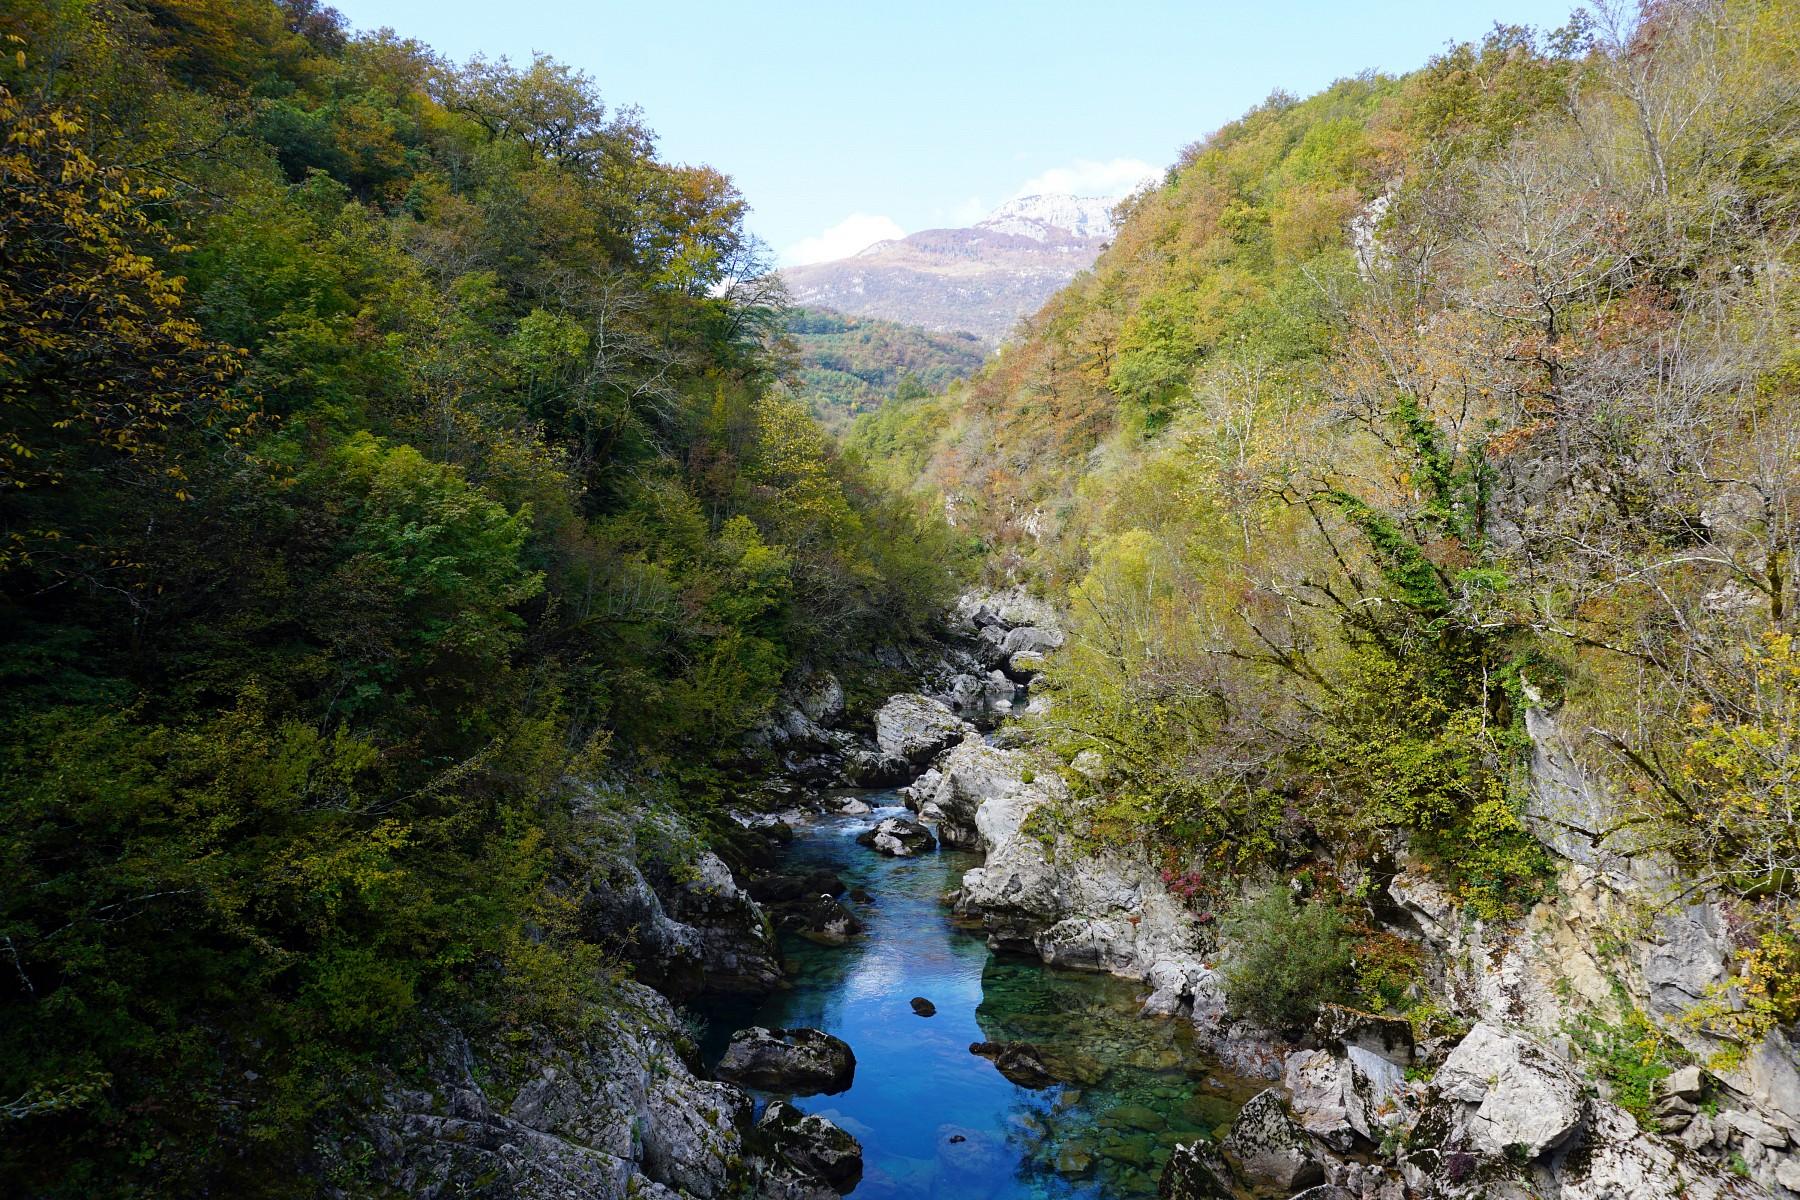 pDurch-den-Mrtvica-Canyon-fuumlhrt-eine-der-reizvollsten-Wanderungen-des-Landes-Hier-befindet-man-sich-im-wilden-LandesinnerennbspMontenegrosp